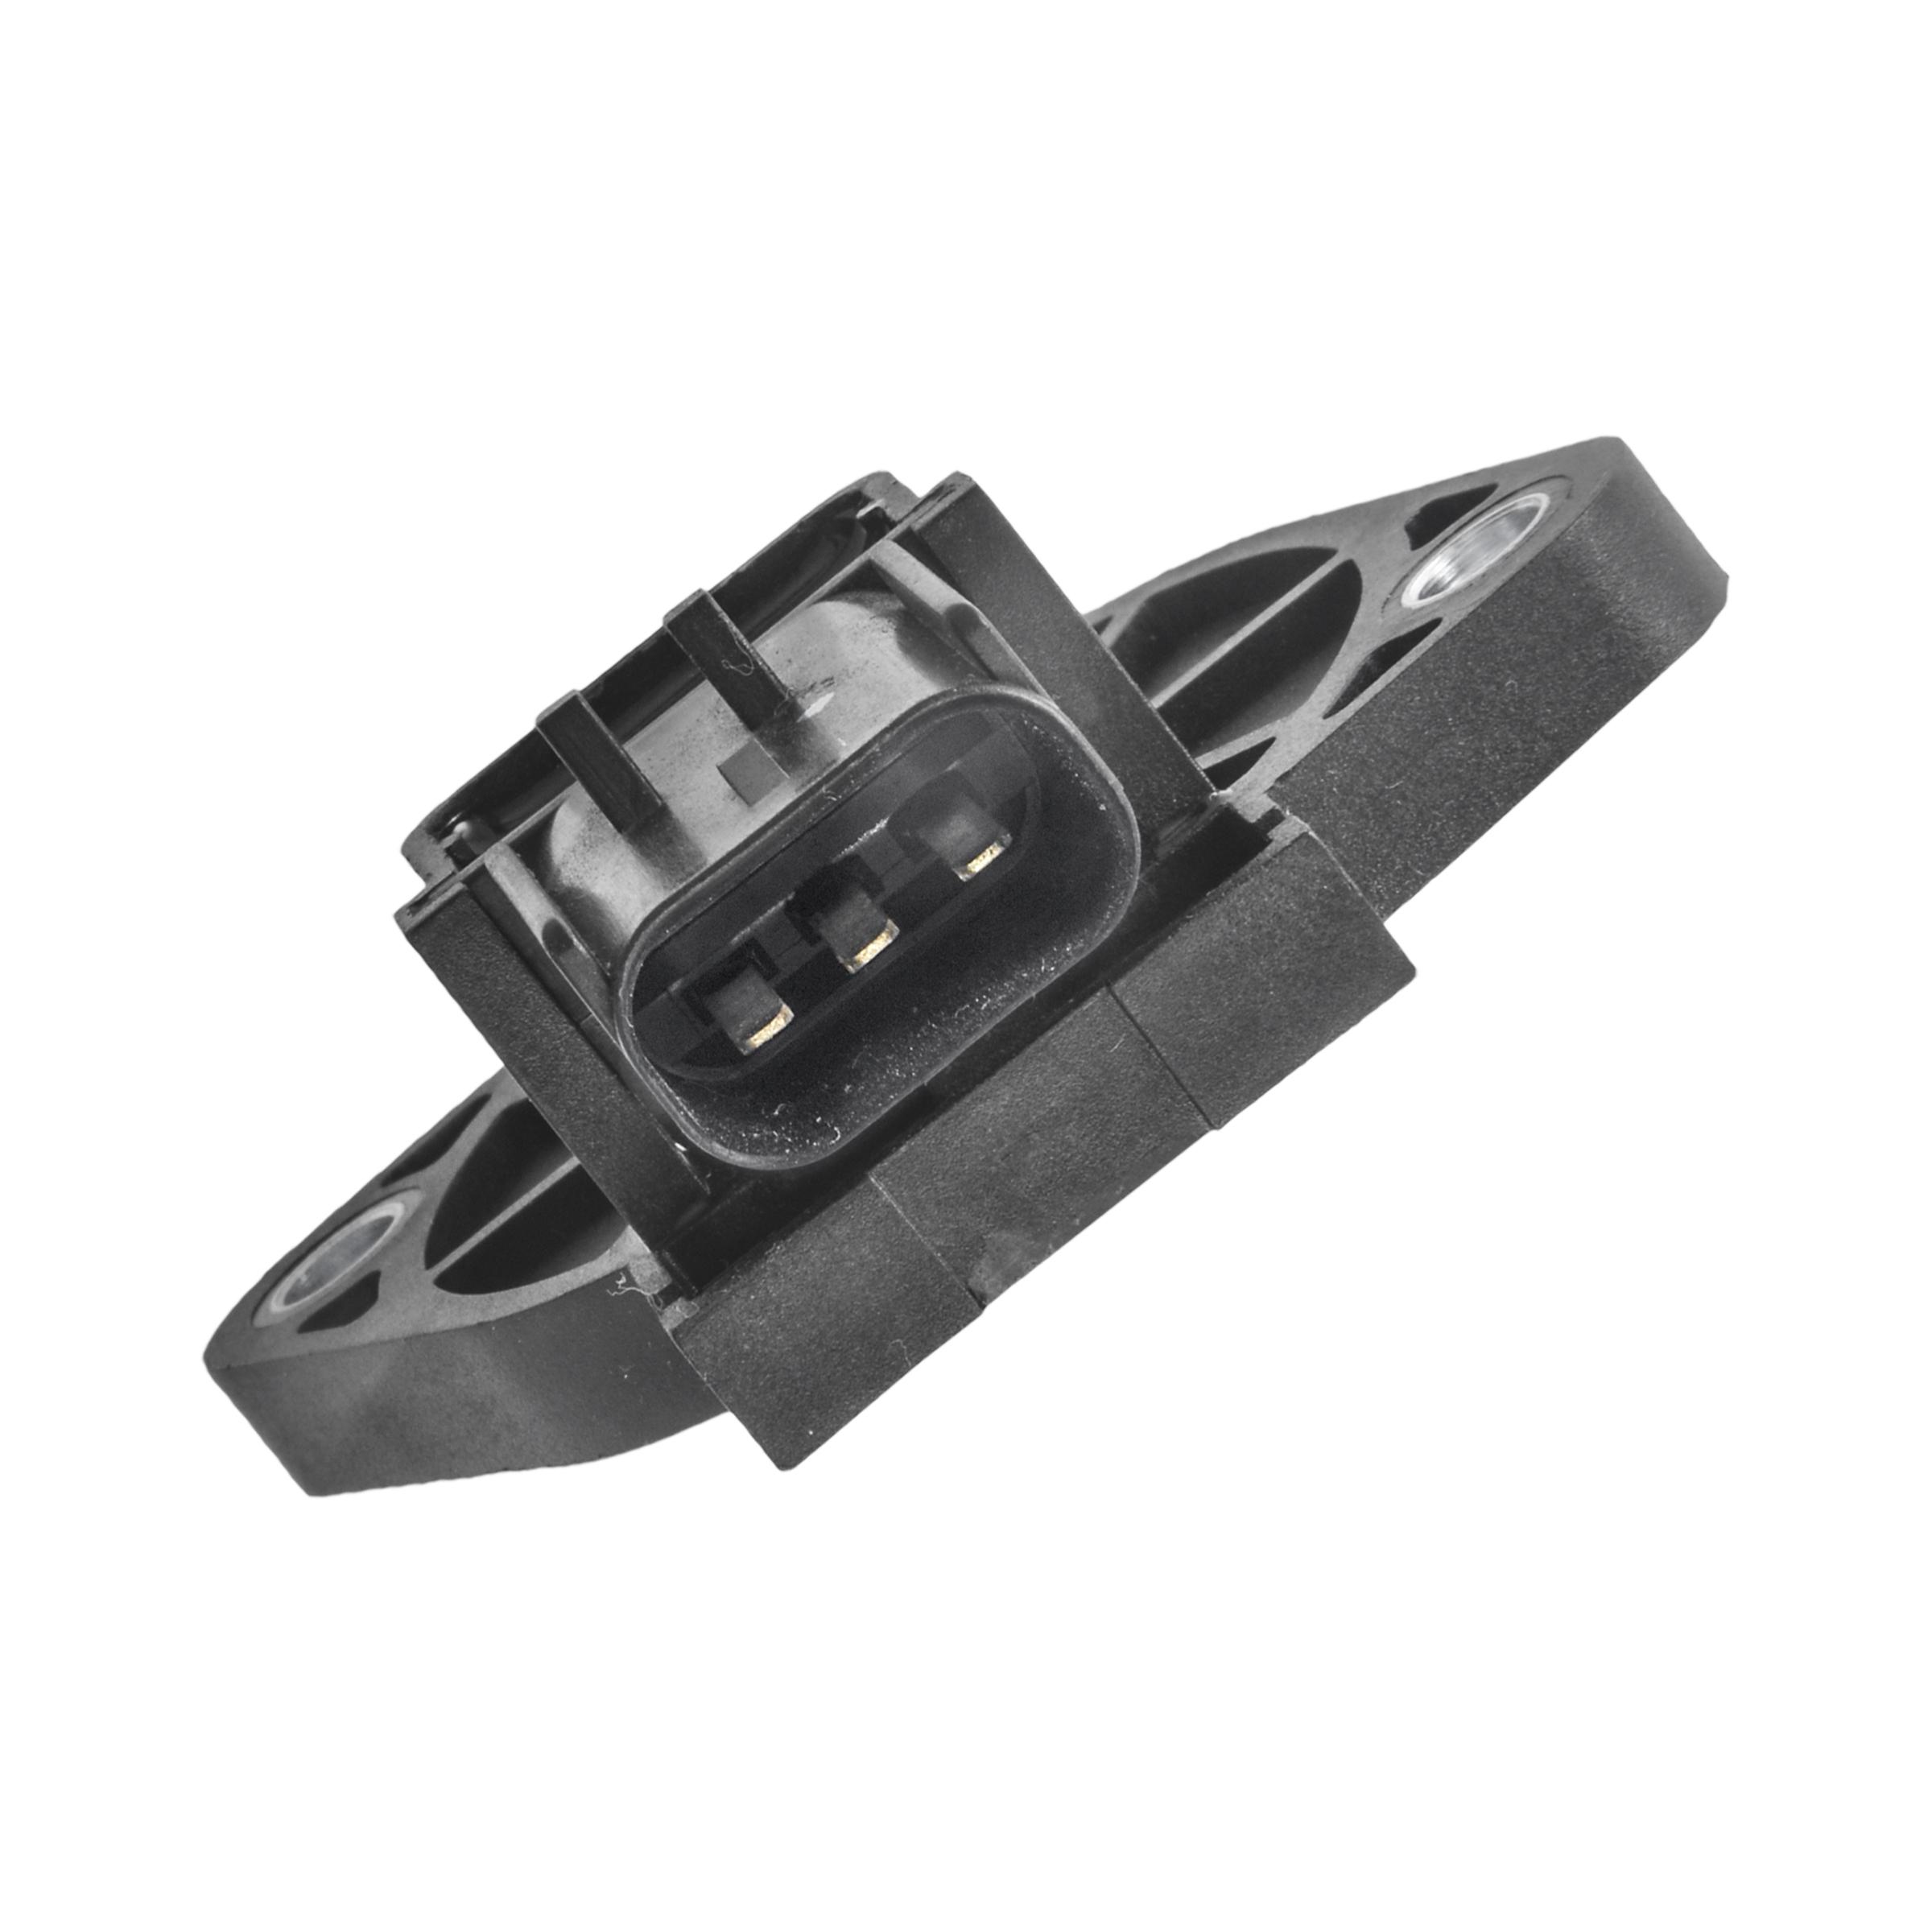 New Herko Camshaft Position Sensor PCH475 For Chrysler